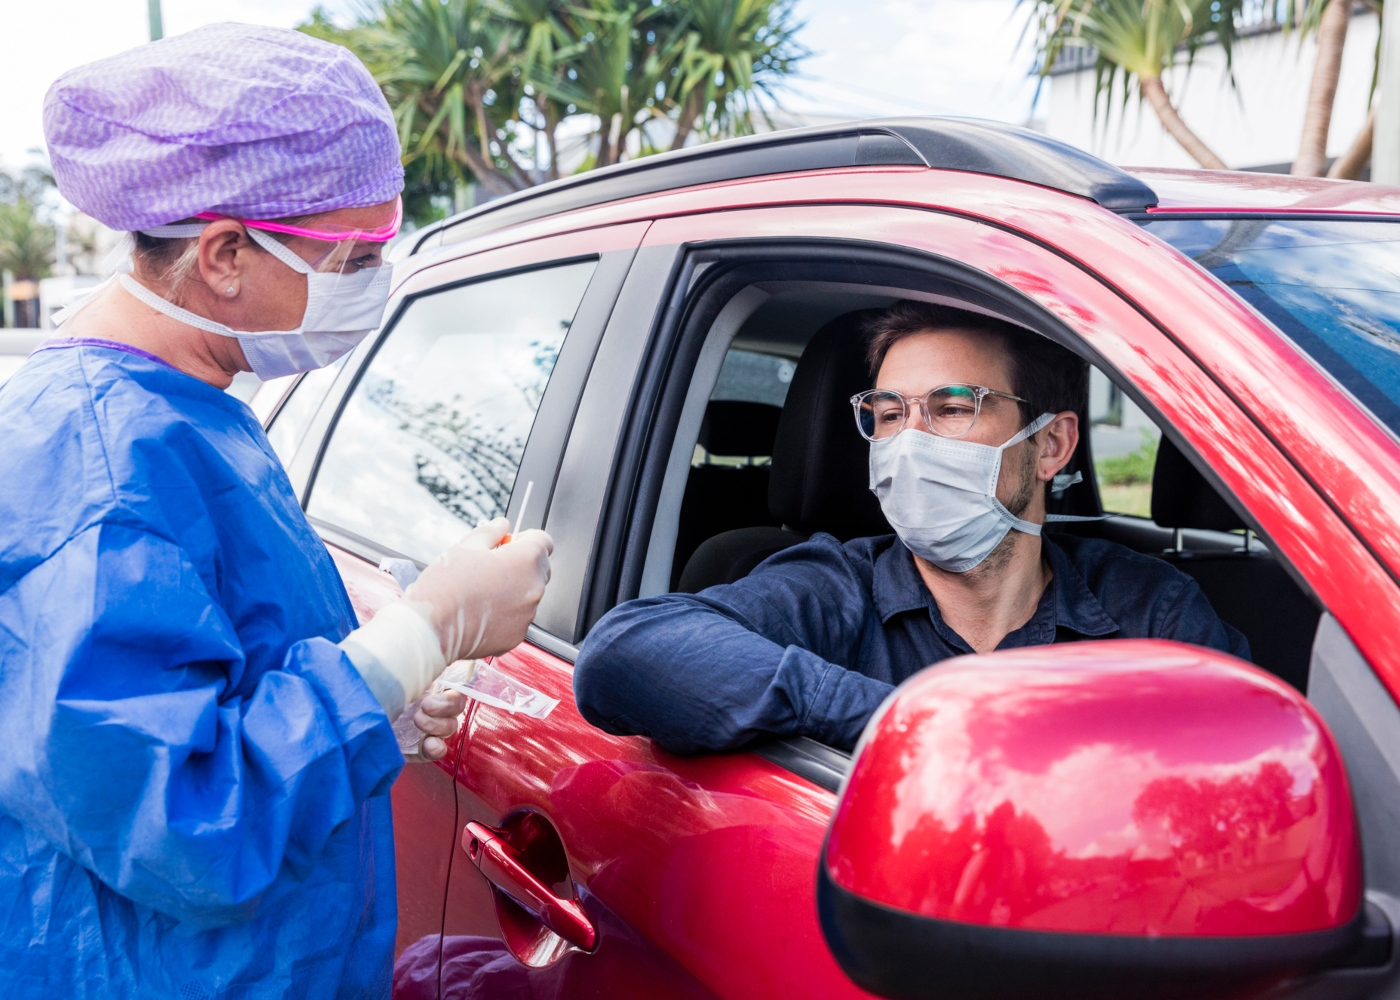 teste de diagnóstico COVID-19: homem a fazer teste num drive thru